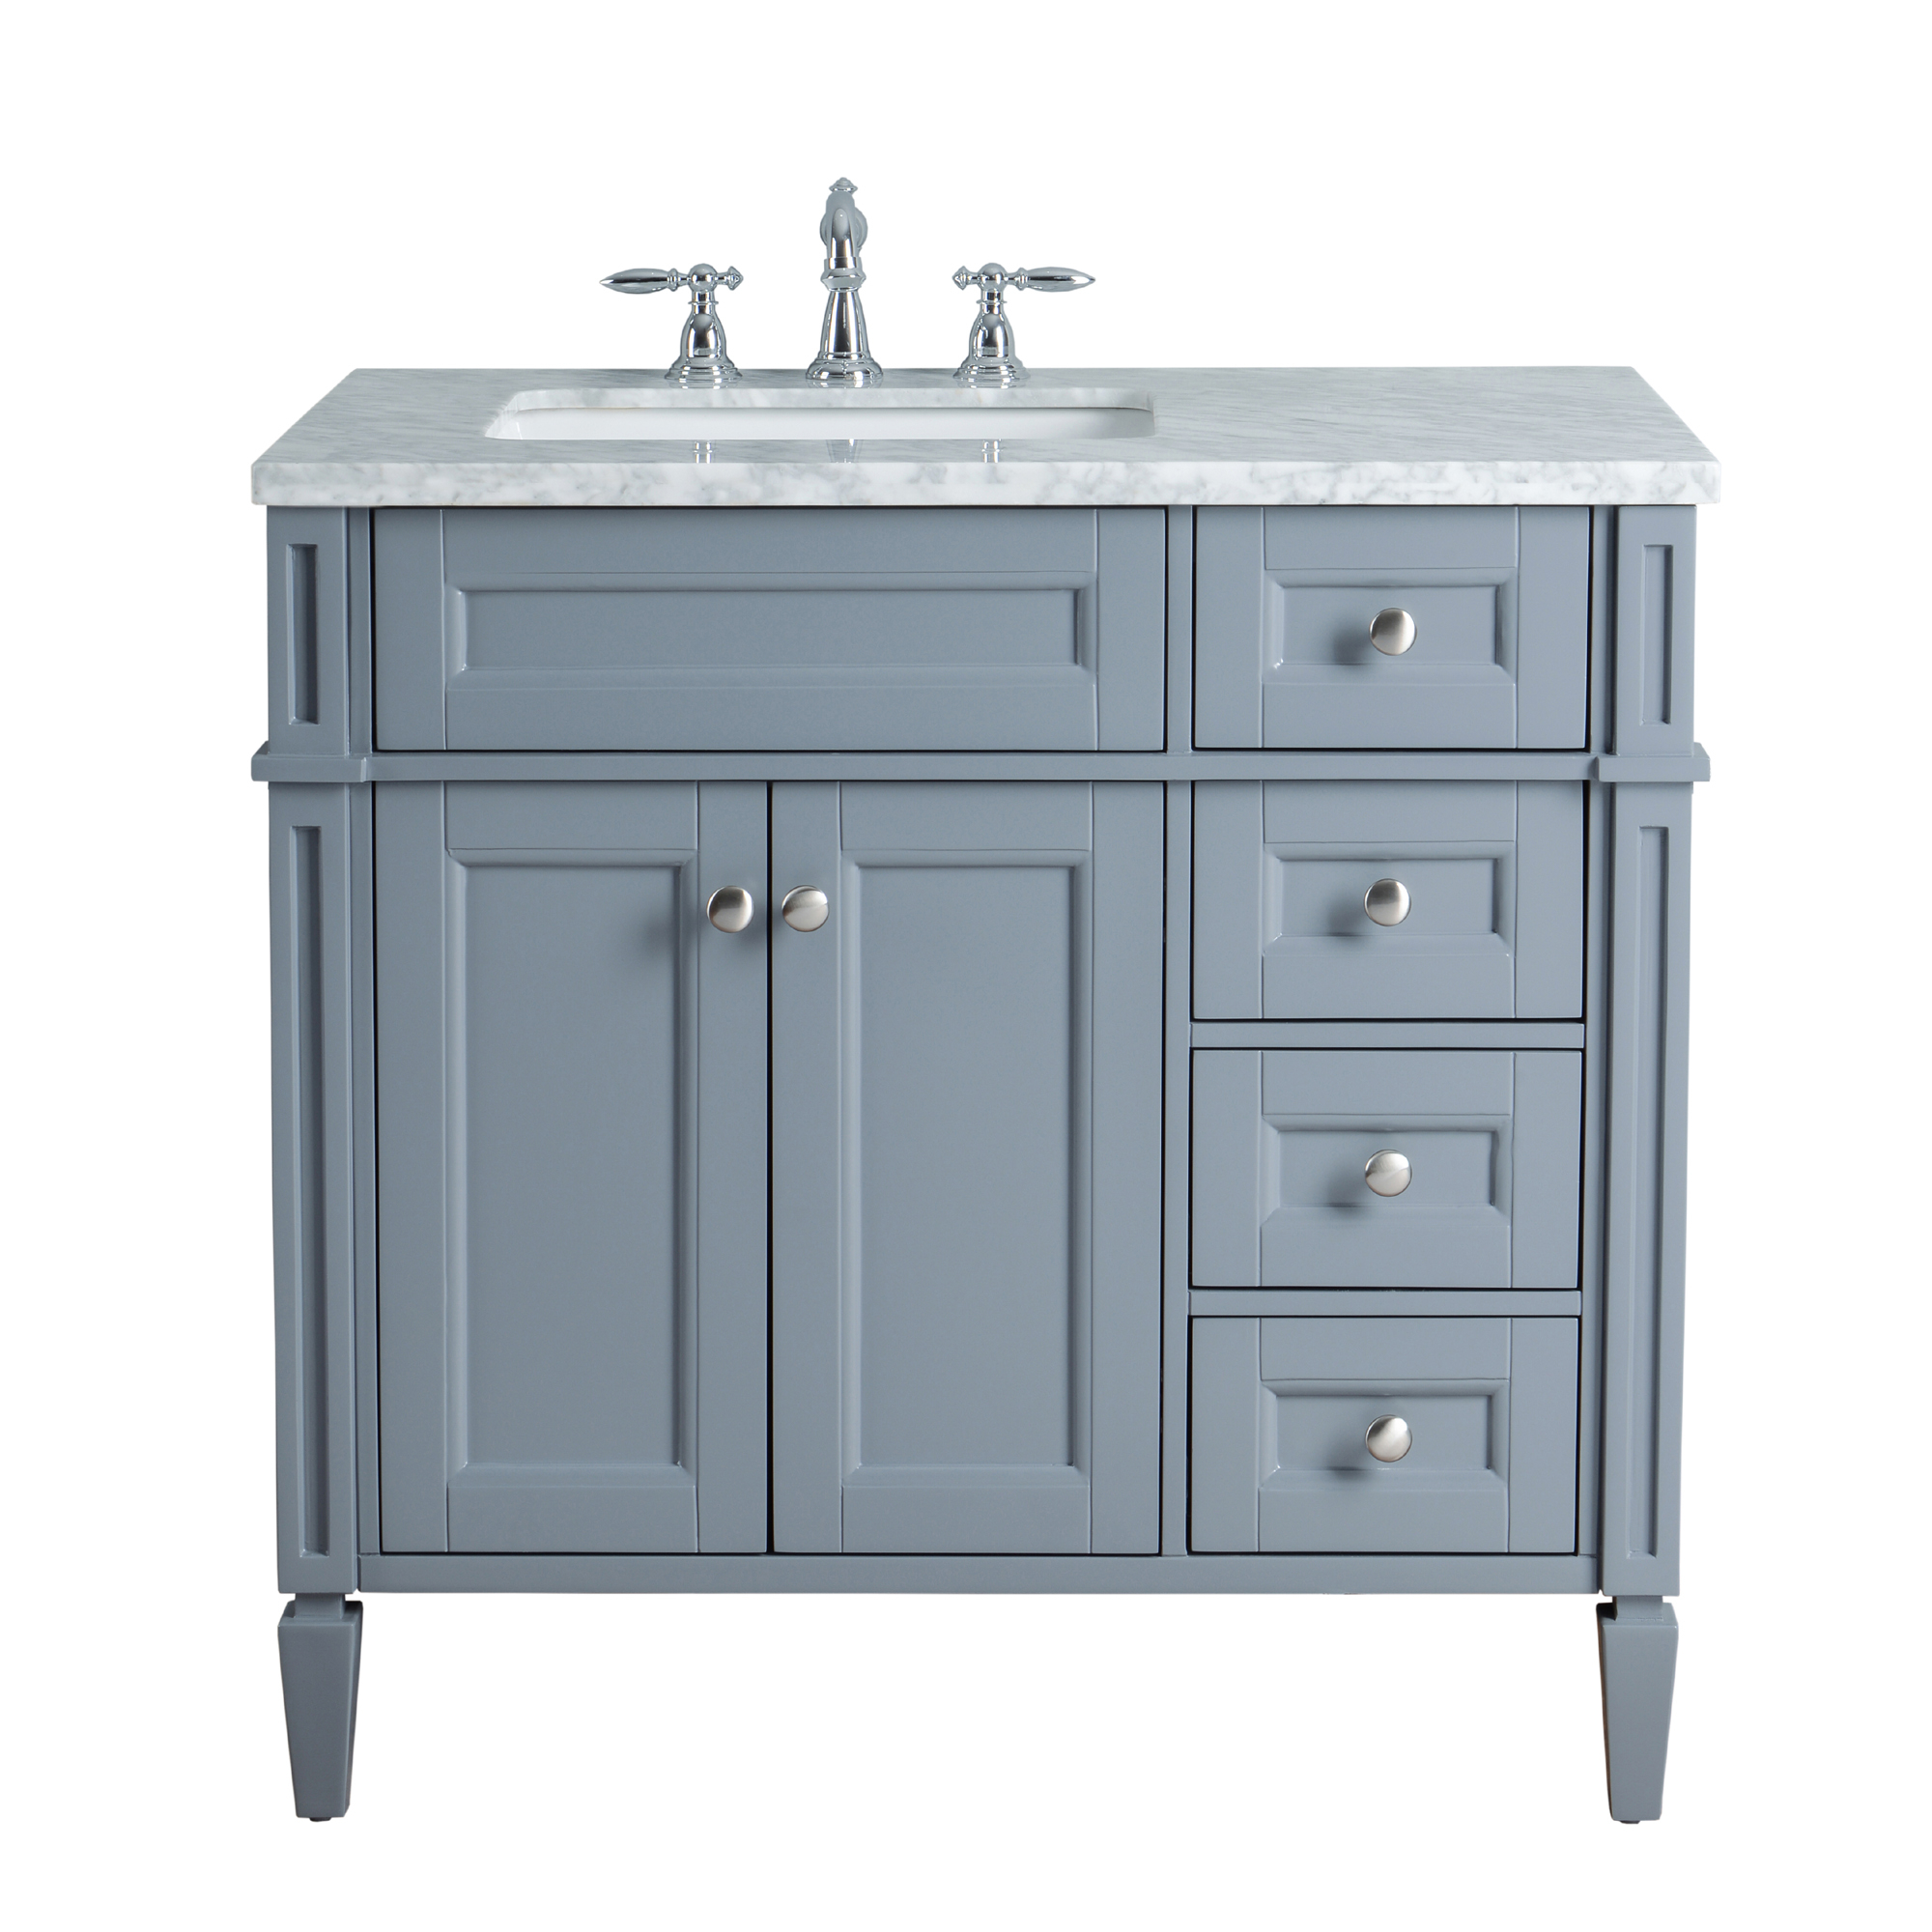 Frenchsingle Sink Bathroom Vanity Grey Anastasia